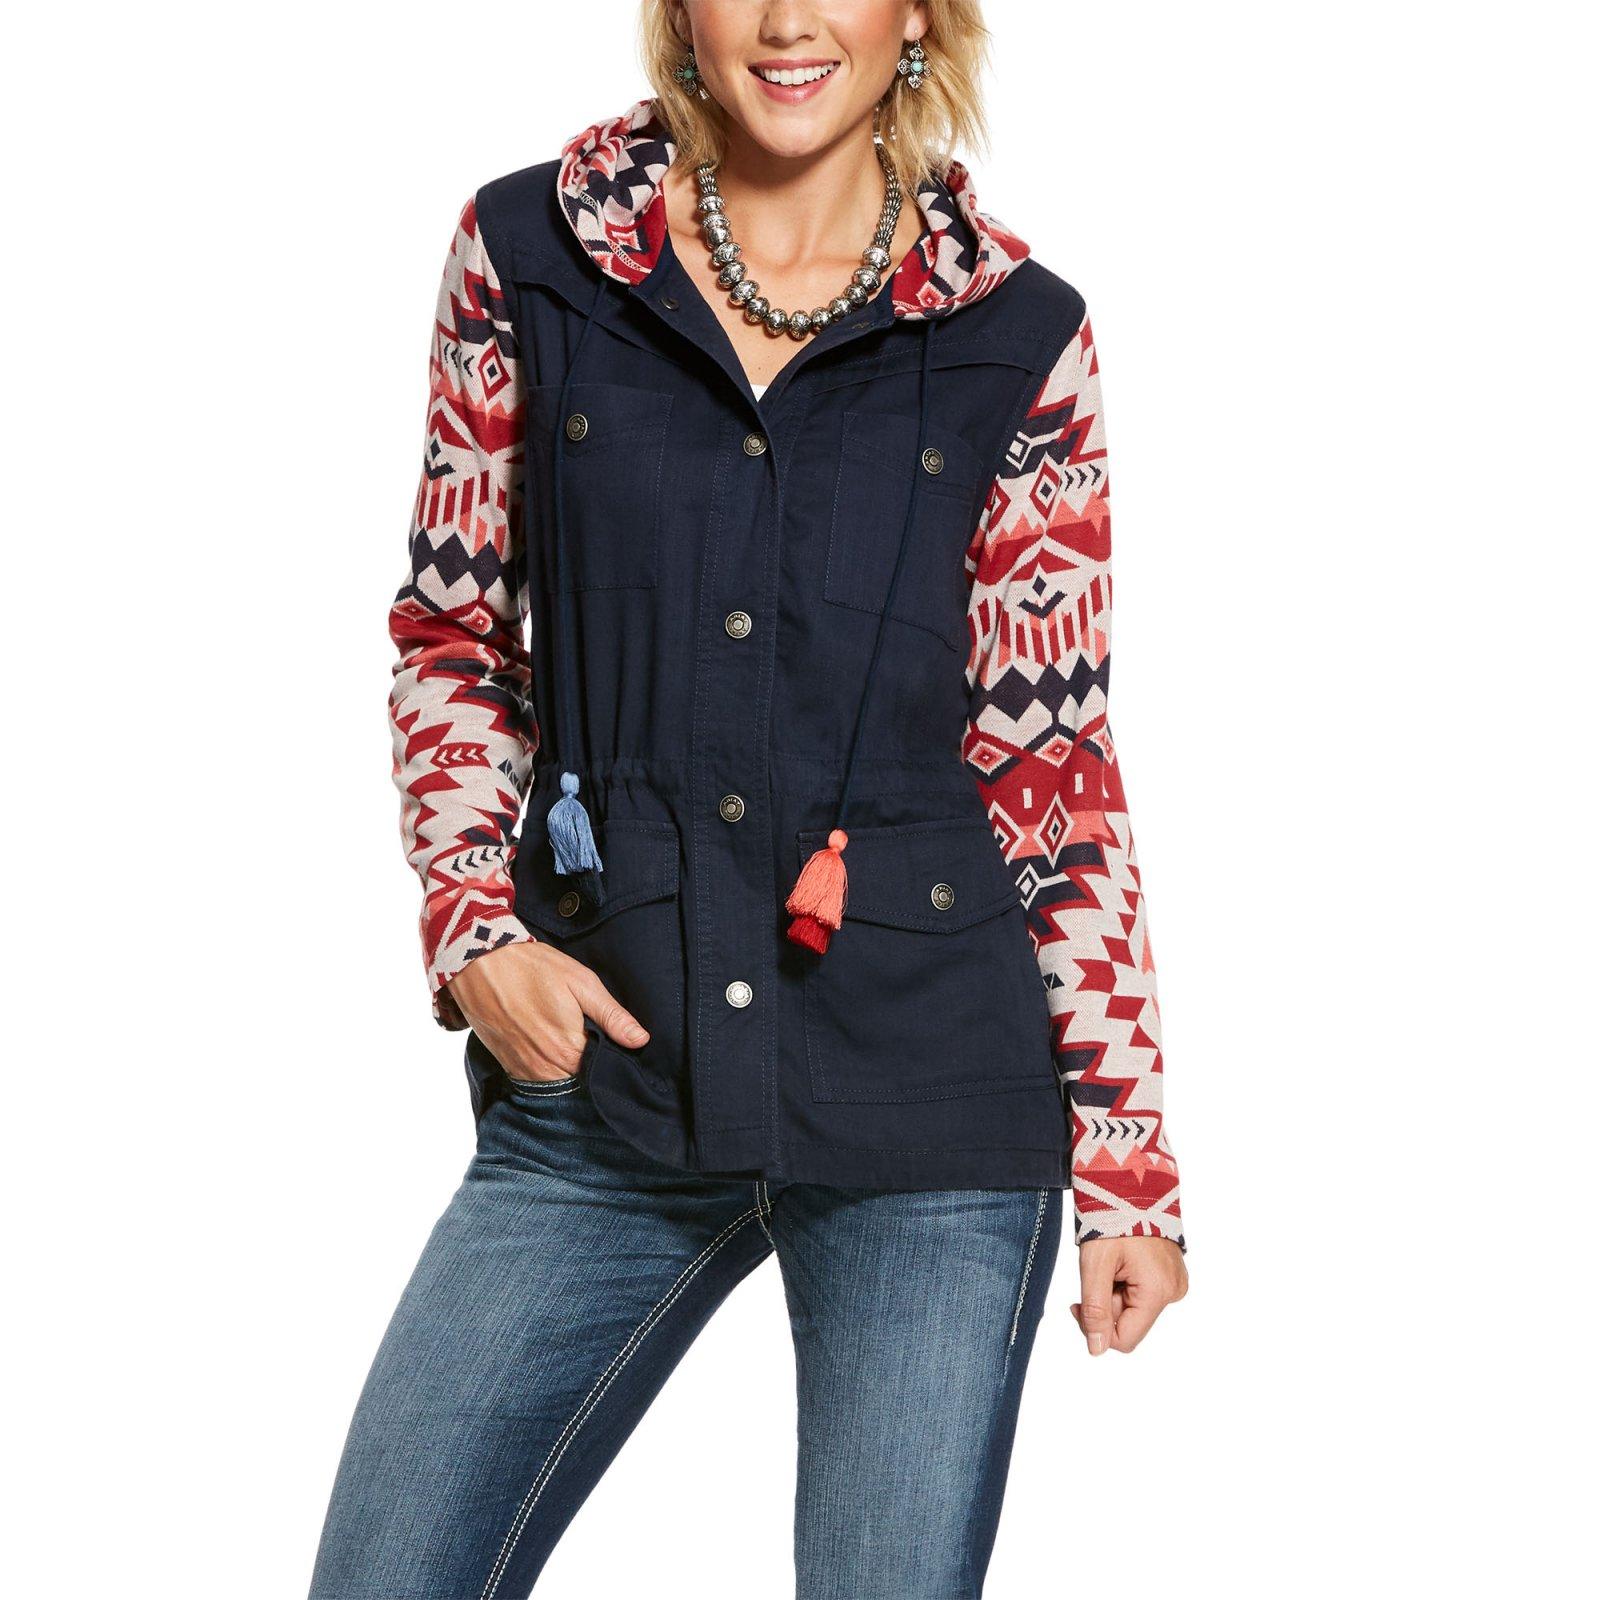 Harmony Jacket from Ariat